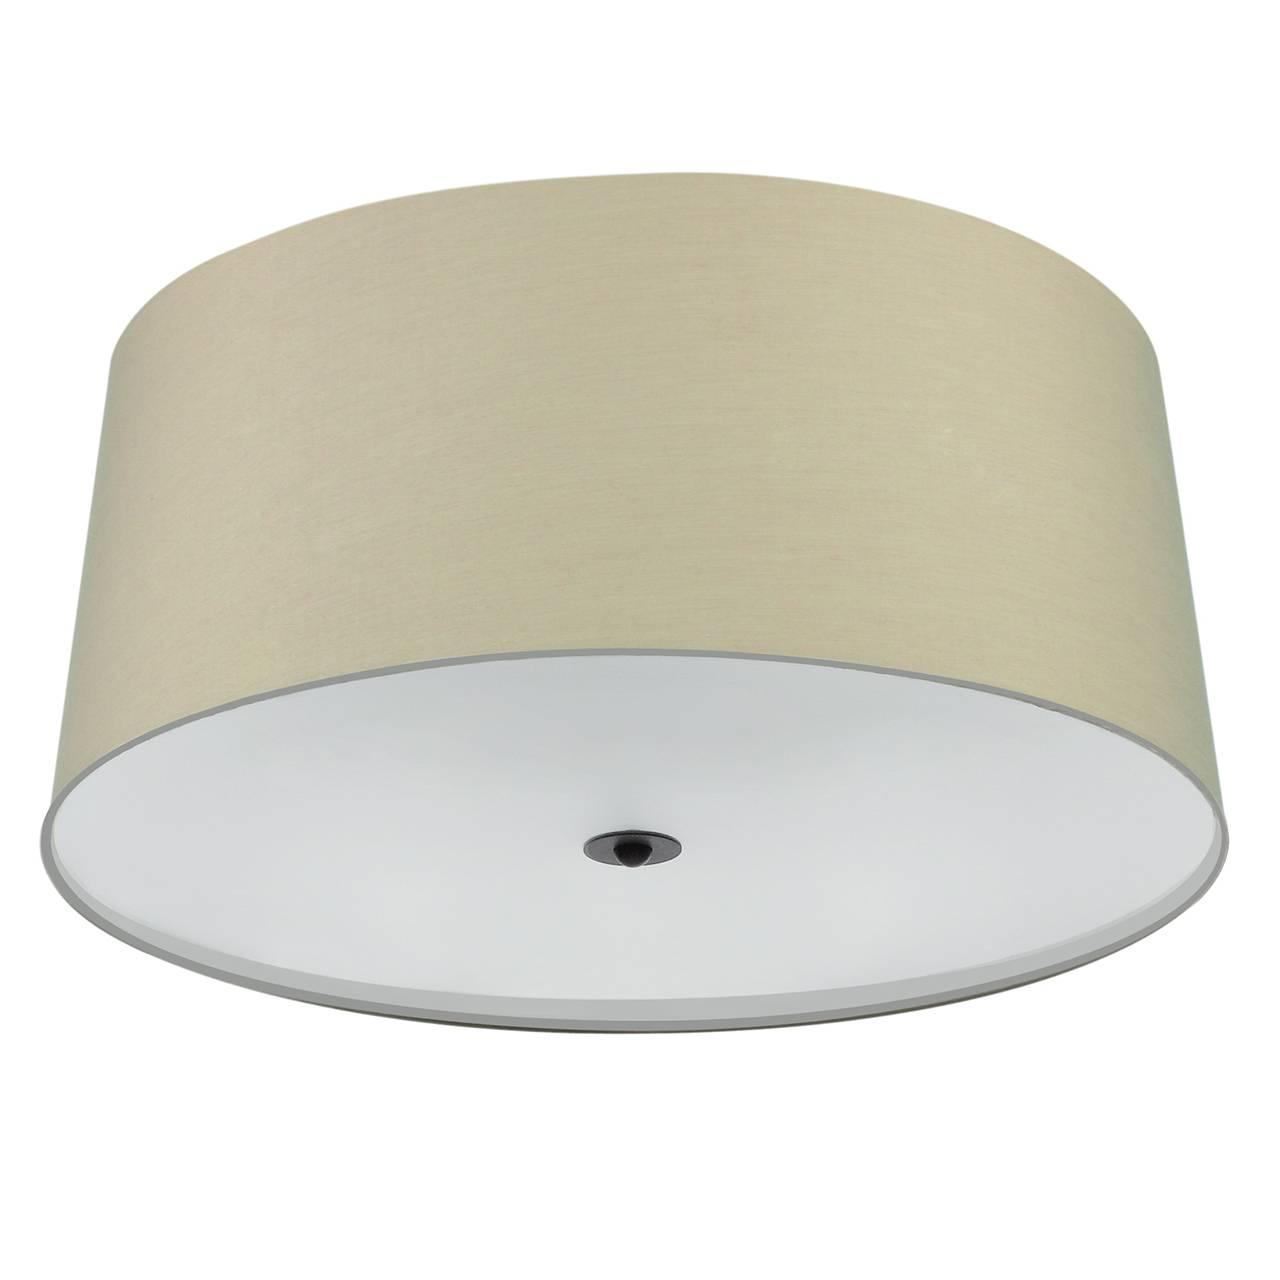 все цены на Потолочный светильник Mantra Argi 5214 онлайн